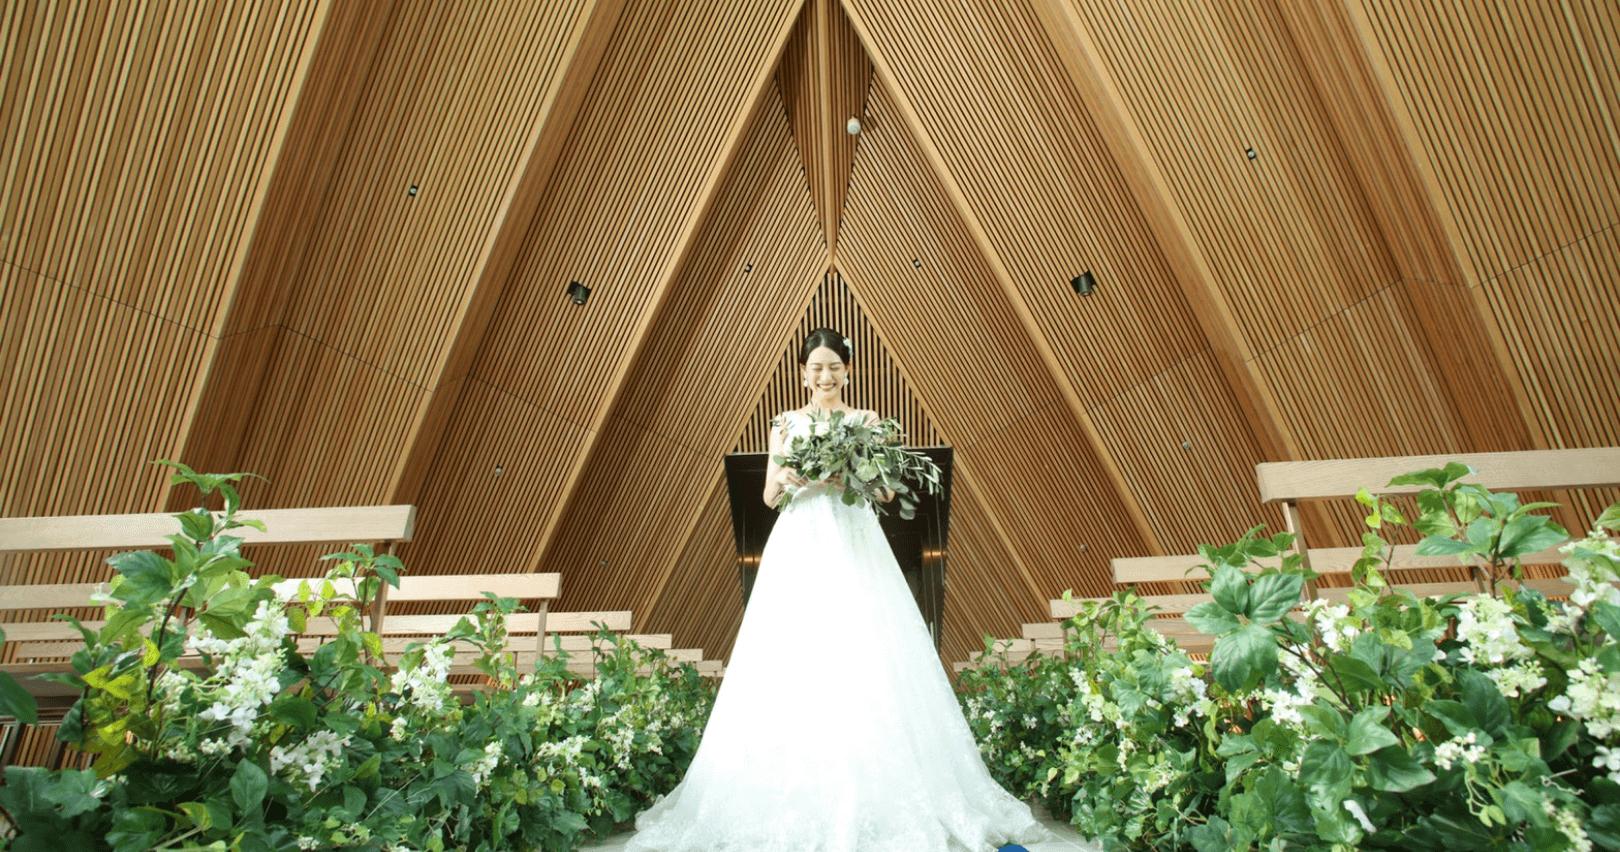 熊本駅直結の結婚式場 熊本で一番新しい結婚式場 チャペル